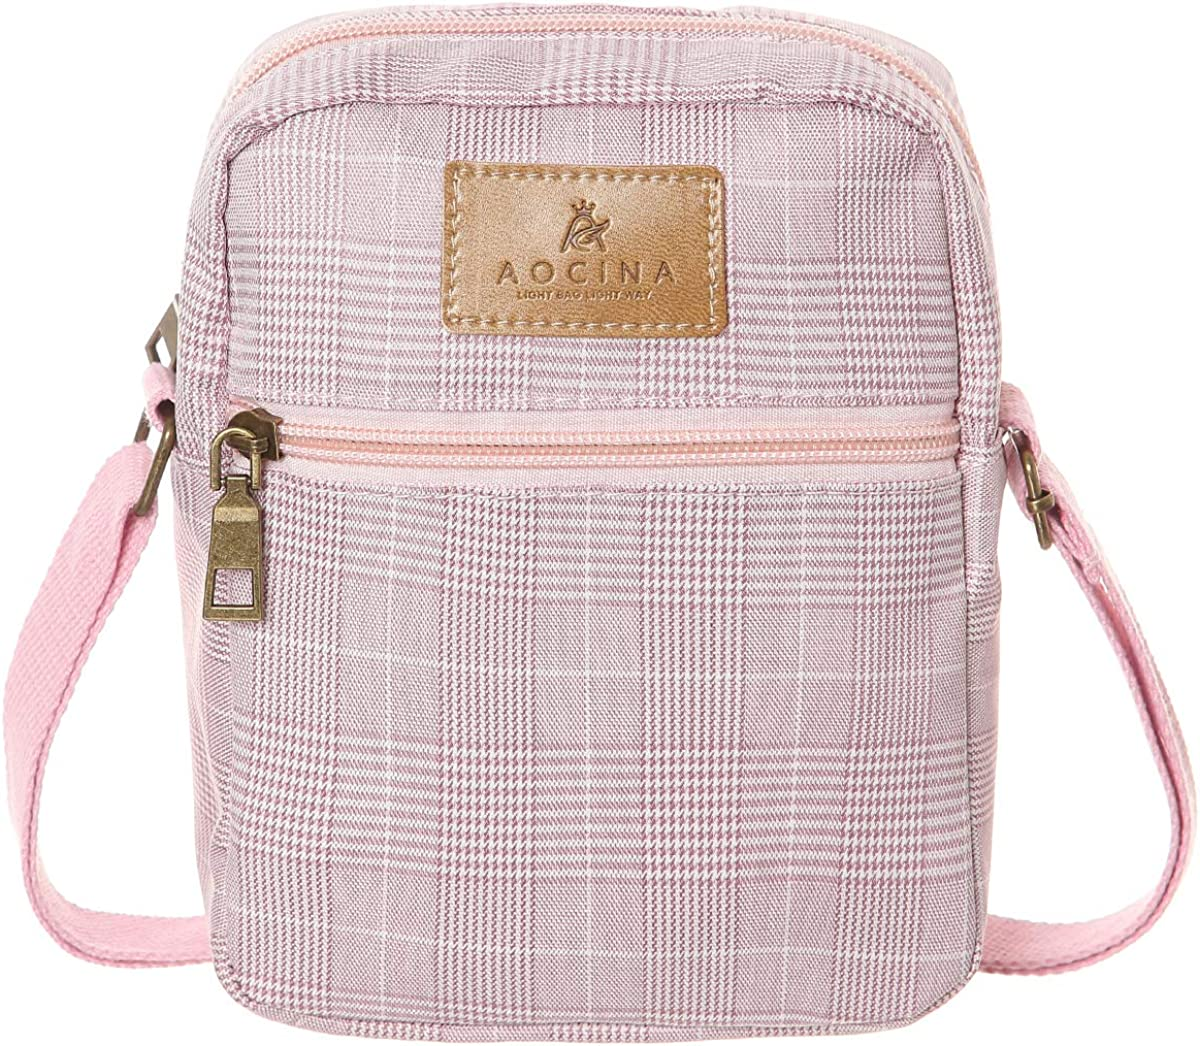 AOCINA Small Crossbody Bag...